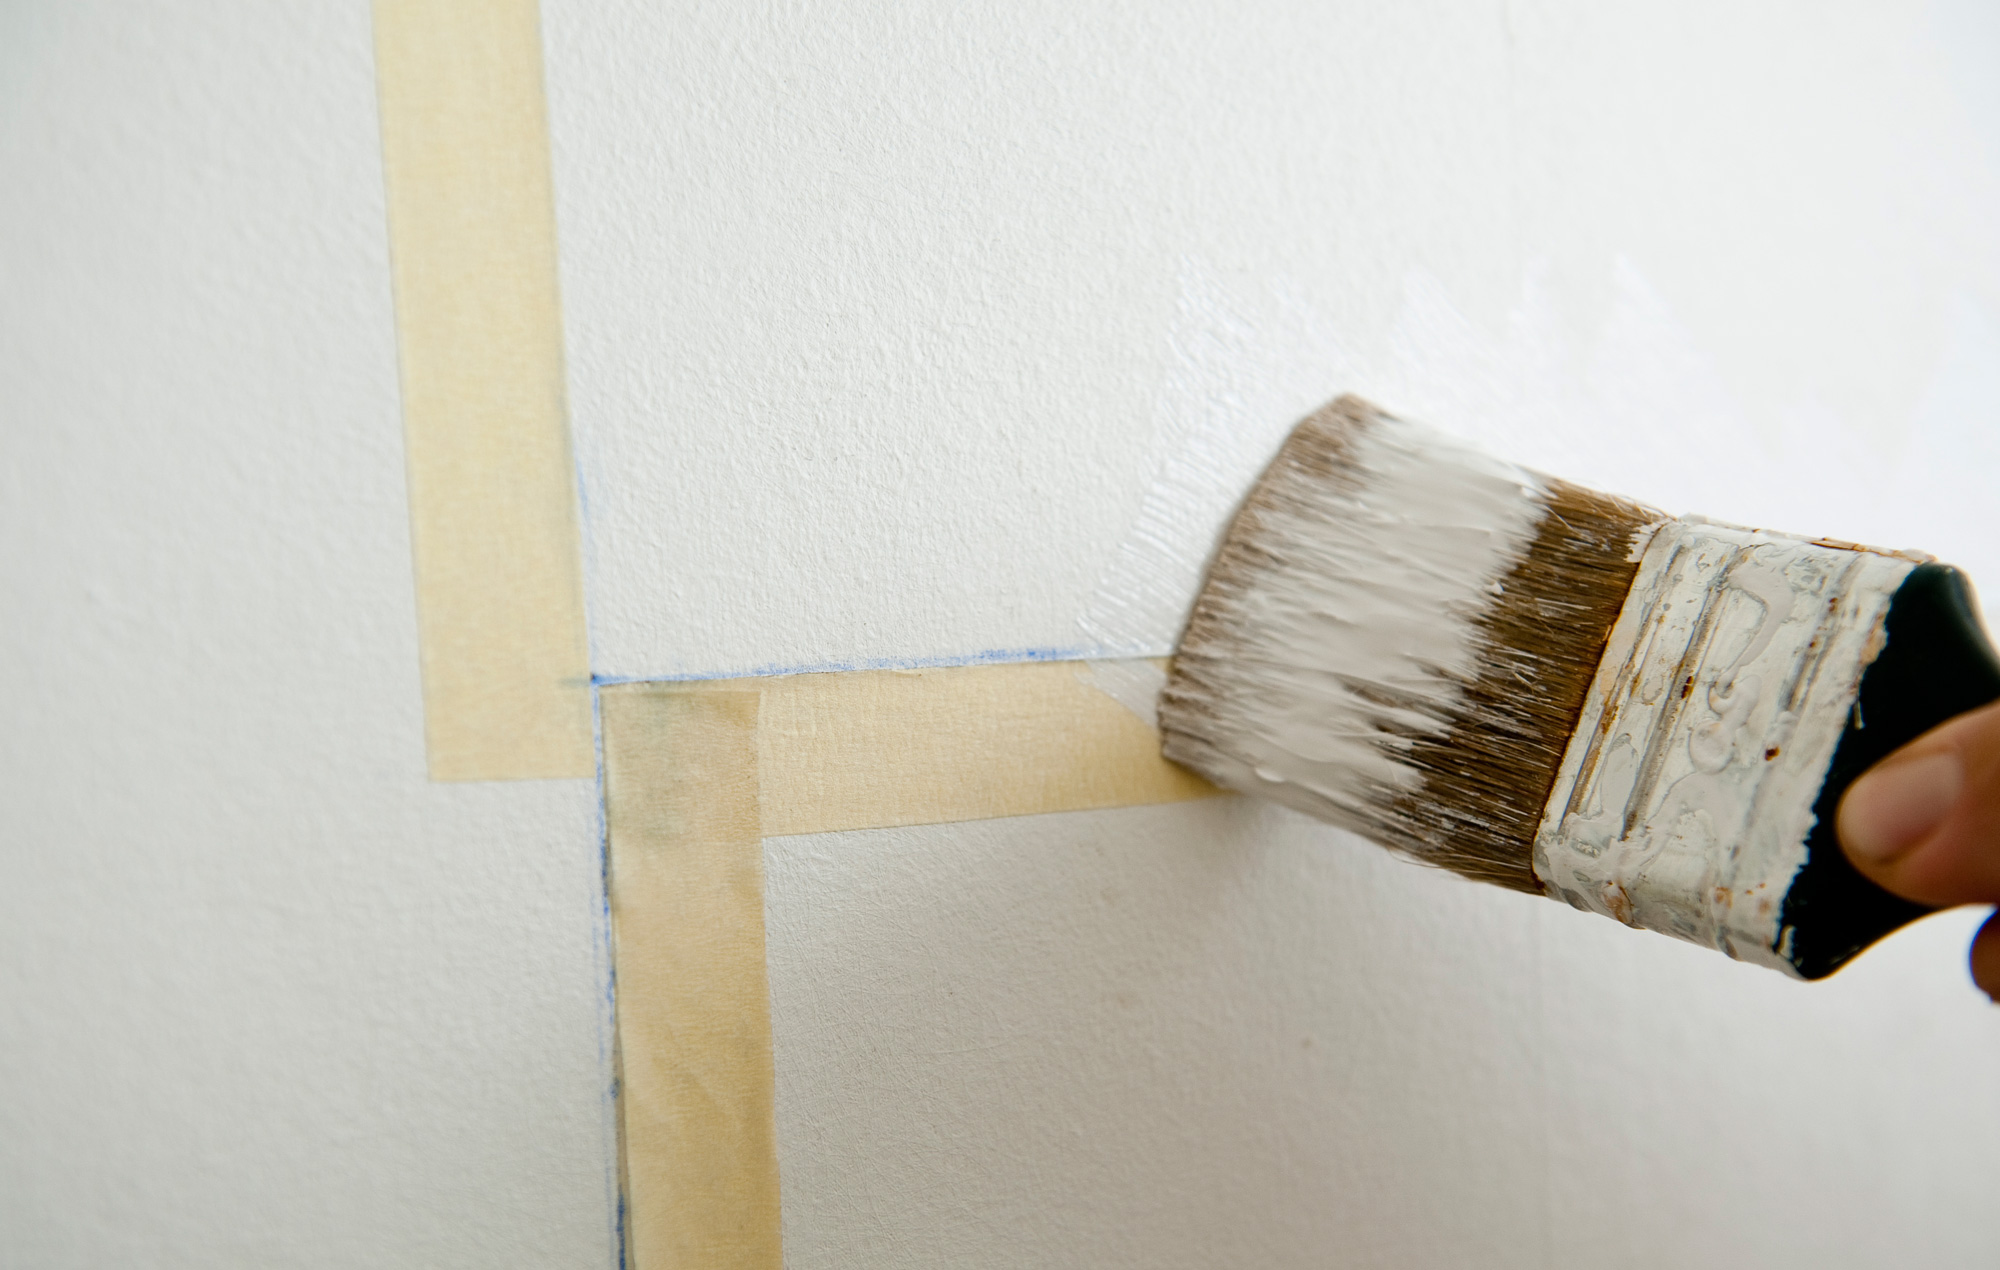 #251A0B Mest effektive Gør Det Selv Mal Let Med Smarte Malerfif Gør Det Selv Mal Trægulv 5715 200012705715